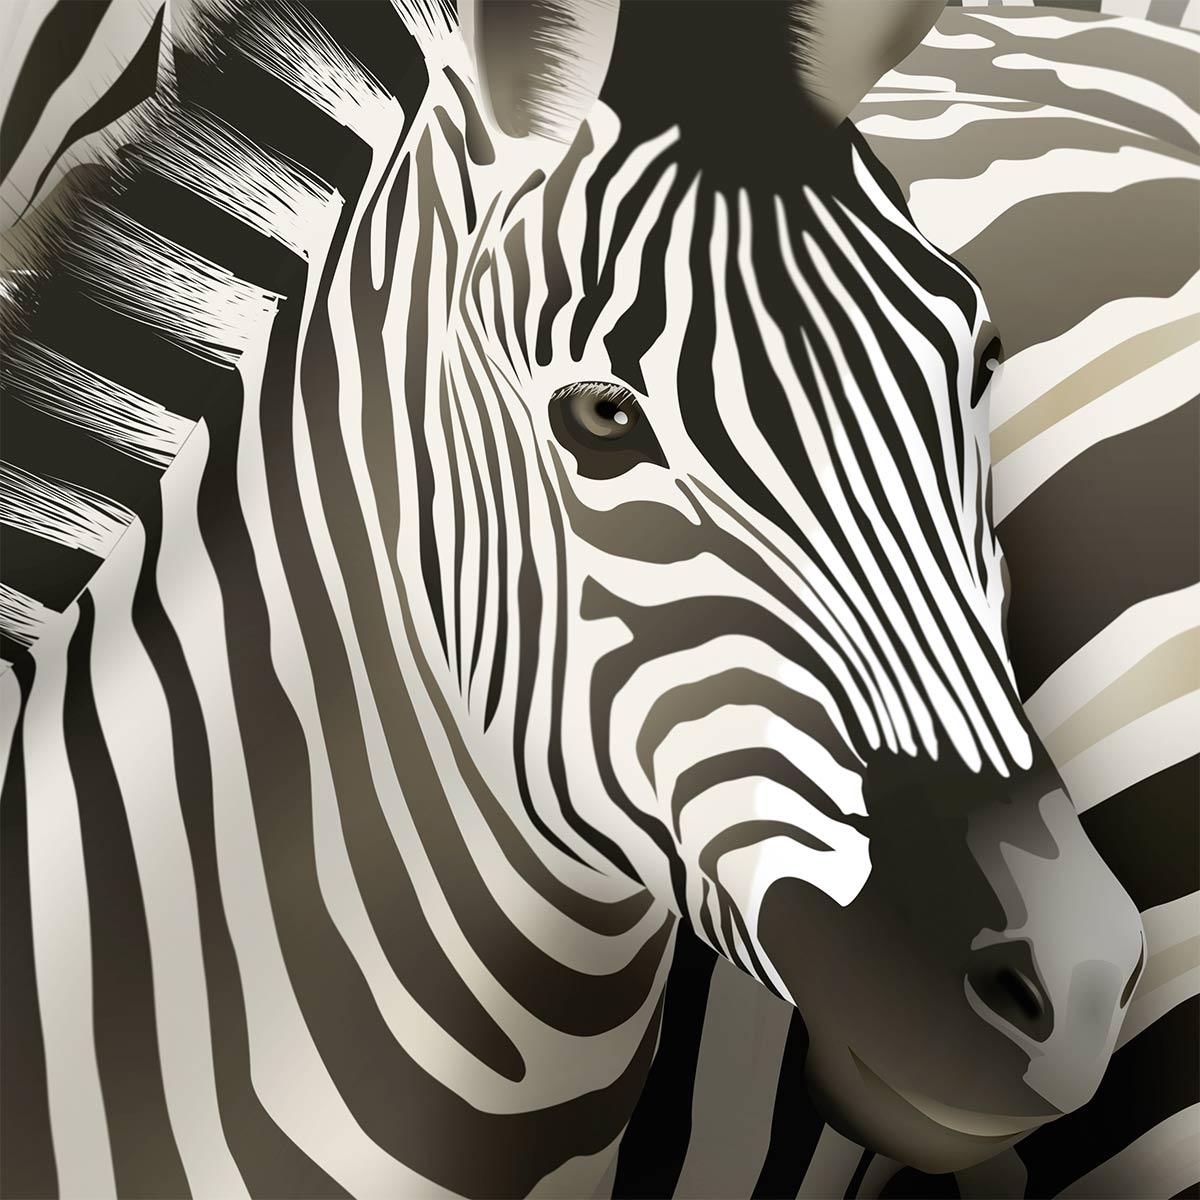 Zebra-ausschnitt